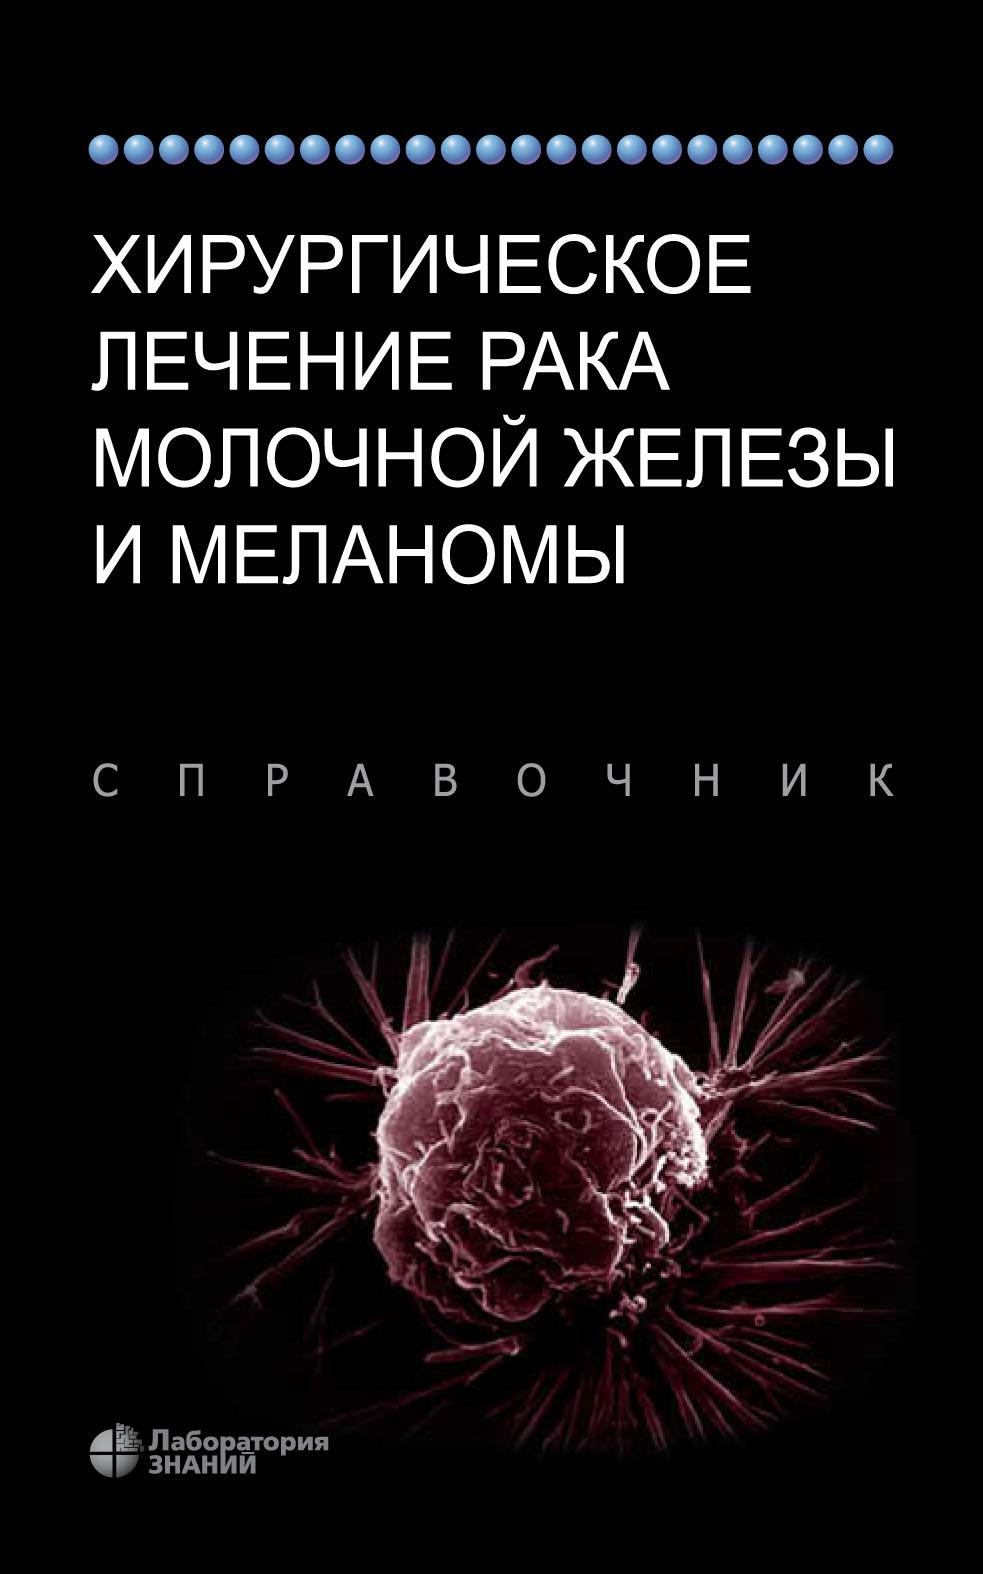 Дэвид Л. Пейдж Хирургическое лечение рака молочной железы и меланомы. Справочник переводчикова н стенина м ред лекарственная терапия рака молочной железы isbn 9785898161231